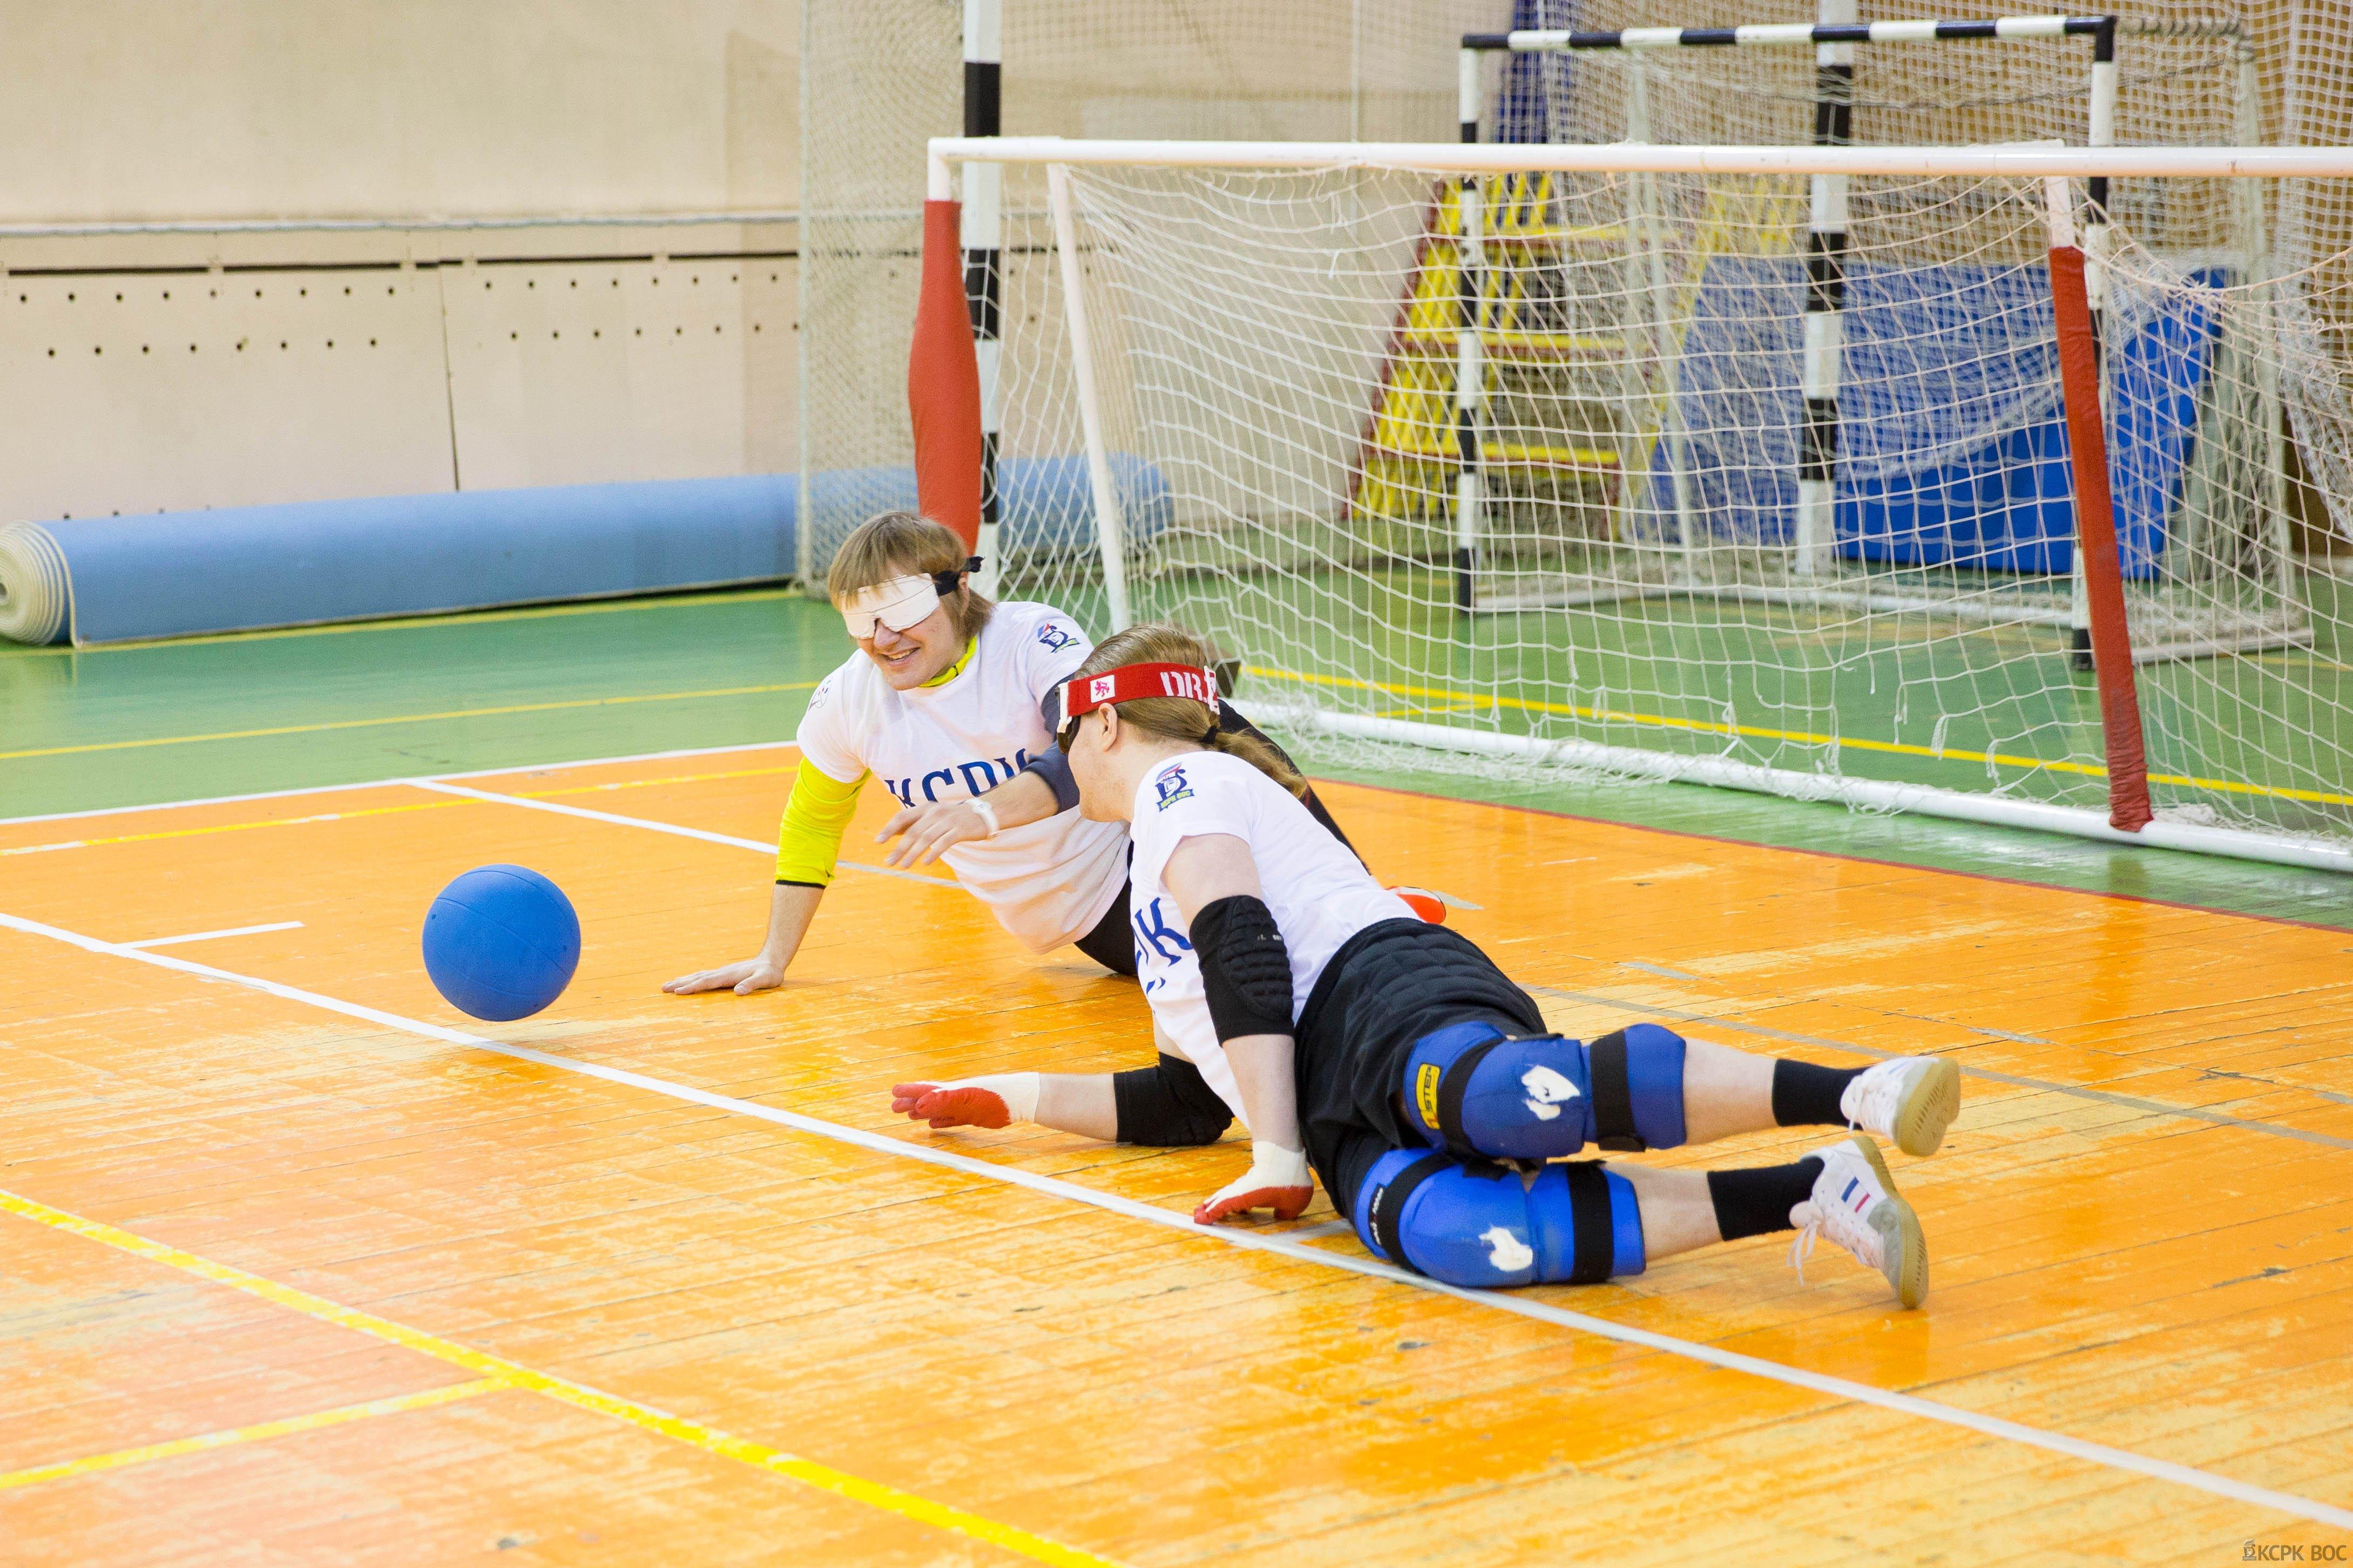 Российские голболистки на Паралимпийских играх-2016 будут соперничать с китаянками, турками, канадками и украинками